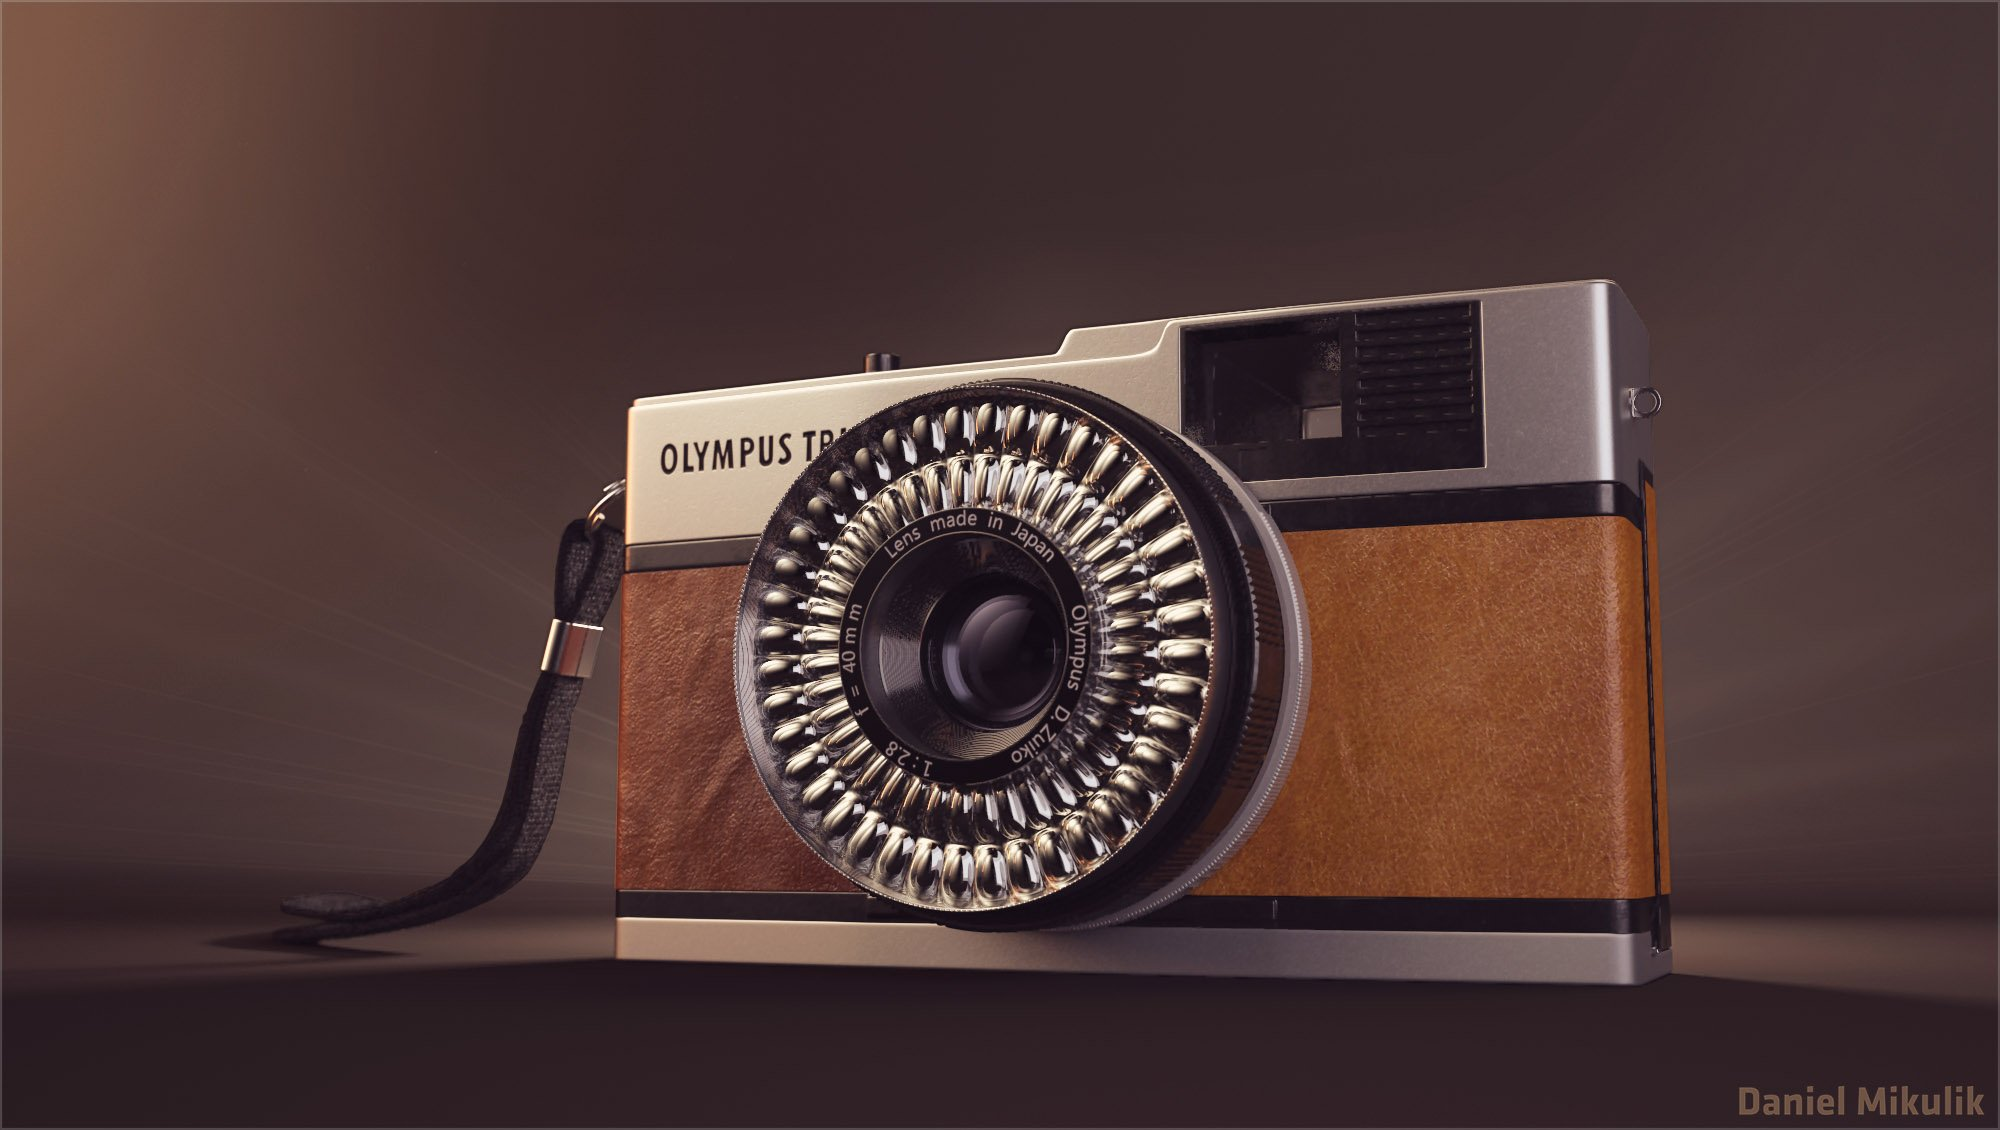 Producent: OLYMPUS Państwo: JAPONIA Produkowany od: 1968 – 1988 Typ aparatu: APARAT KOMPAKTOWY Format: 135